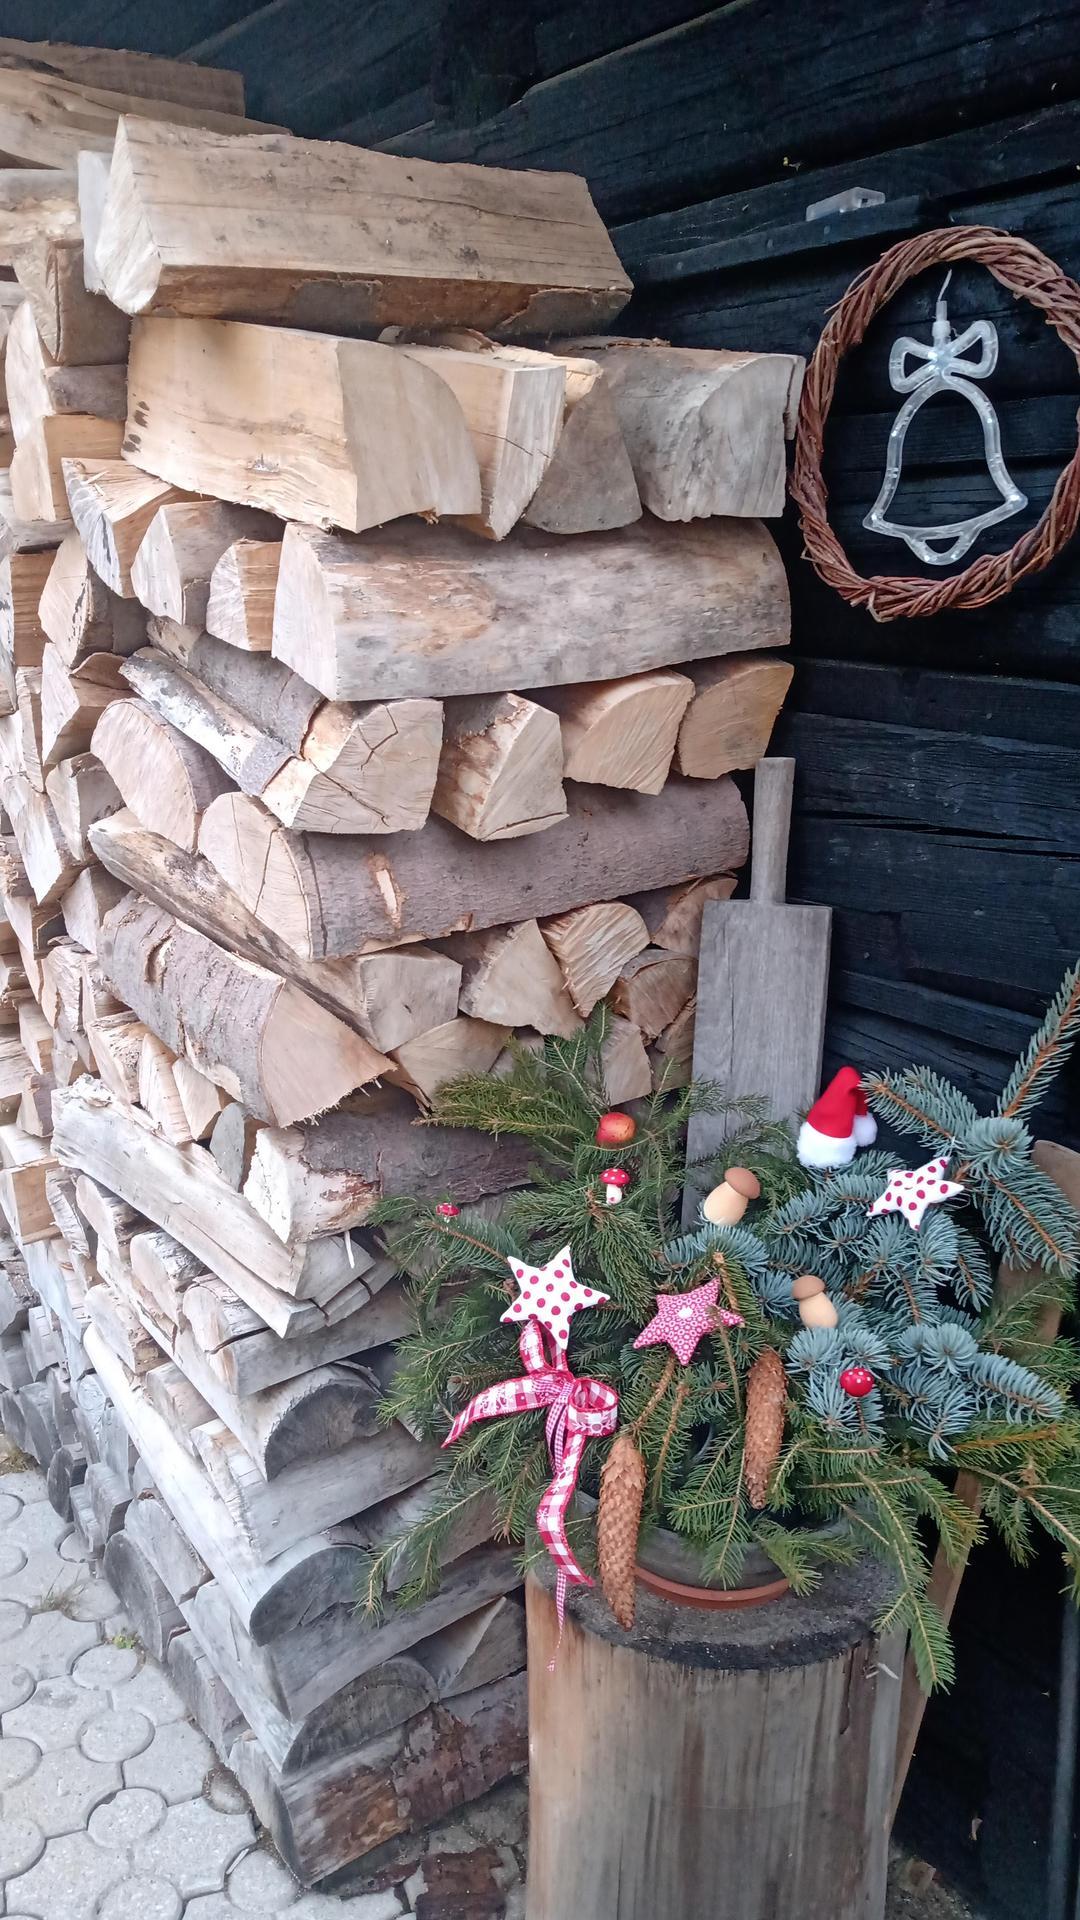 Vianocna vyzdoba a vianocne dekoracie 2020 - Obrázok č. 26